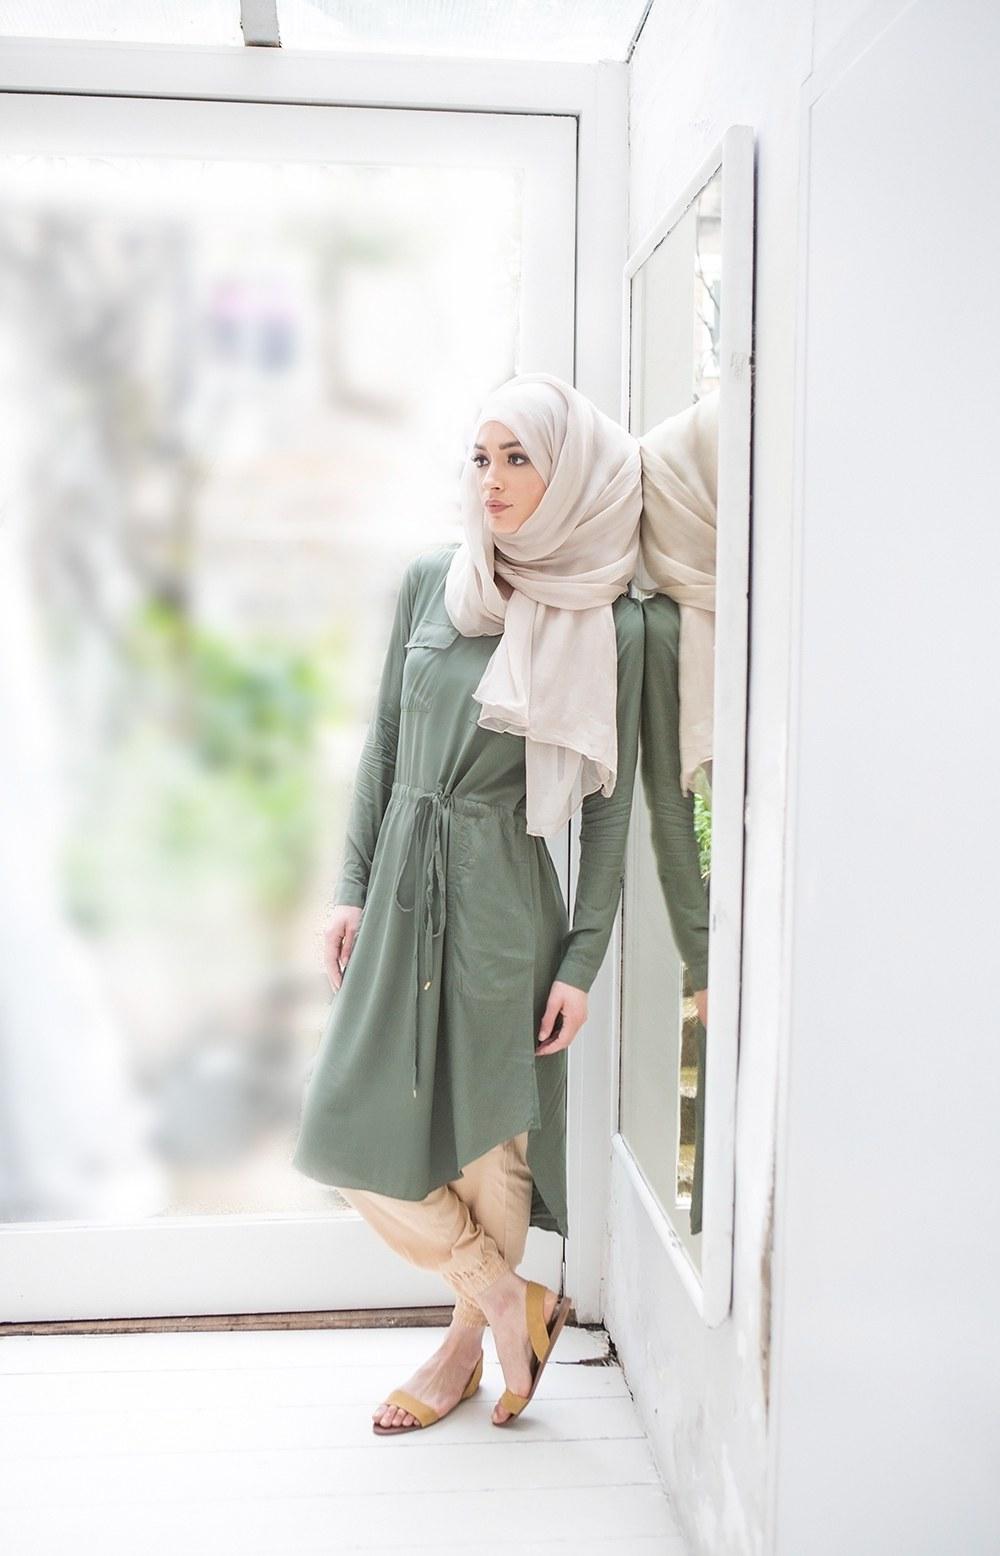 Design Model Baju Lebaran Sekarang Dddy 25 Trend Model Baju Muslim Lebaran 2018 Simple & Modis